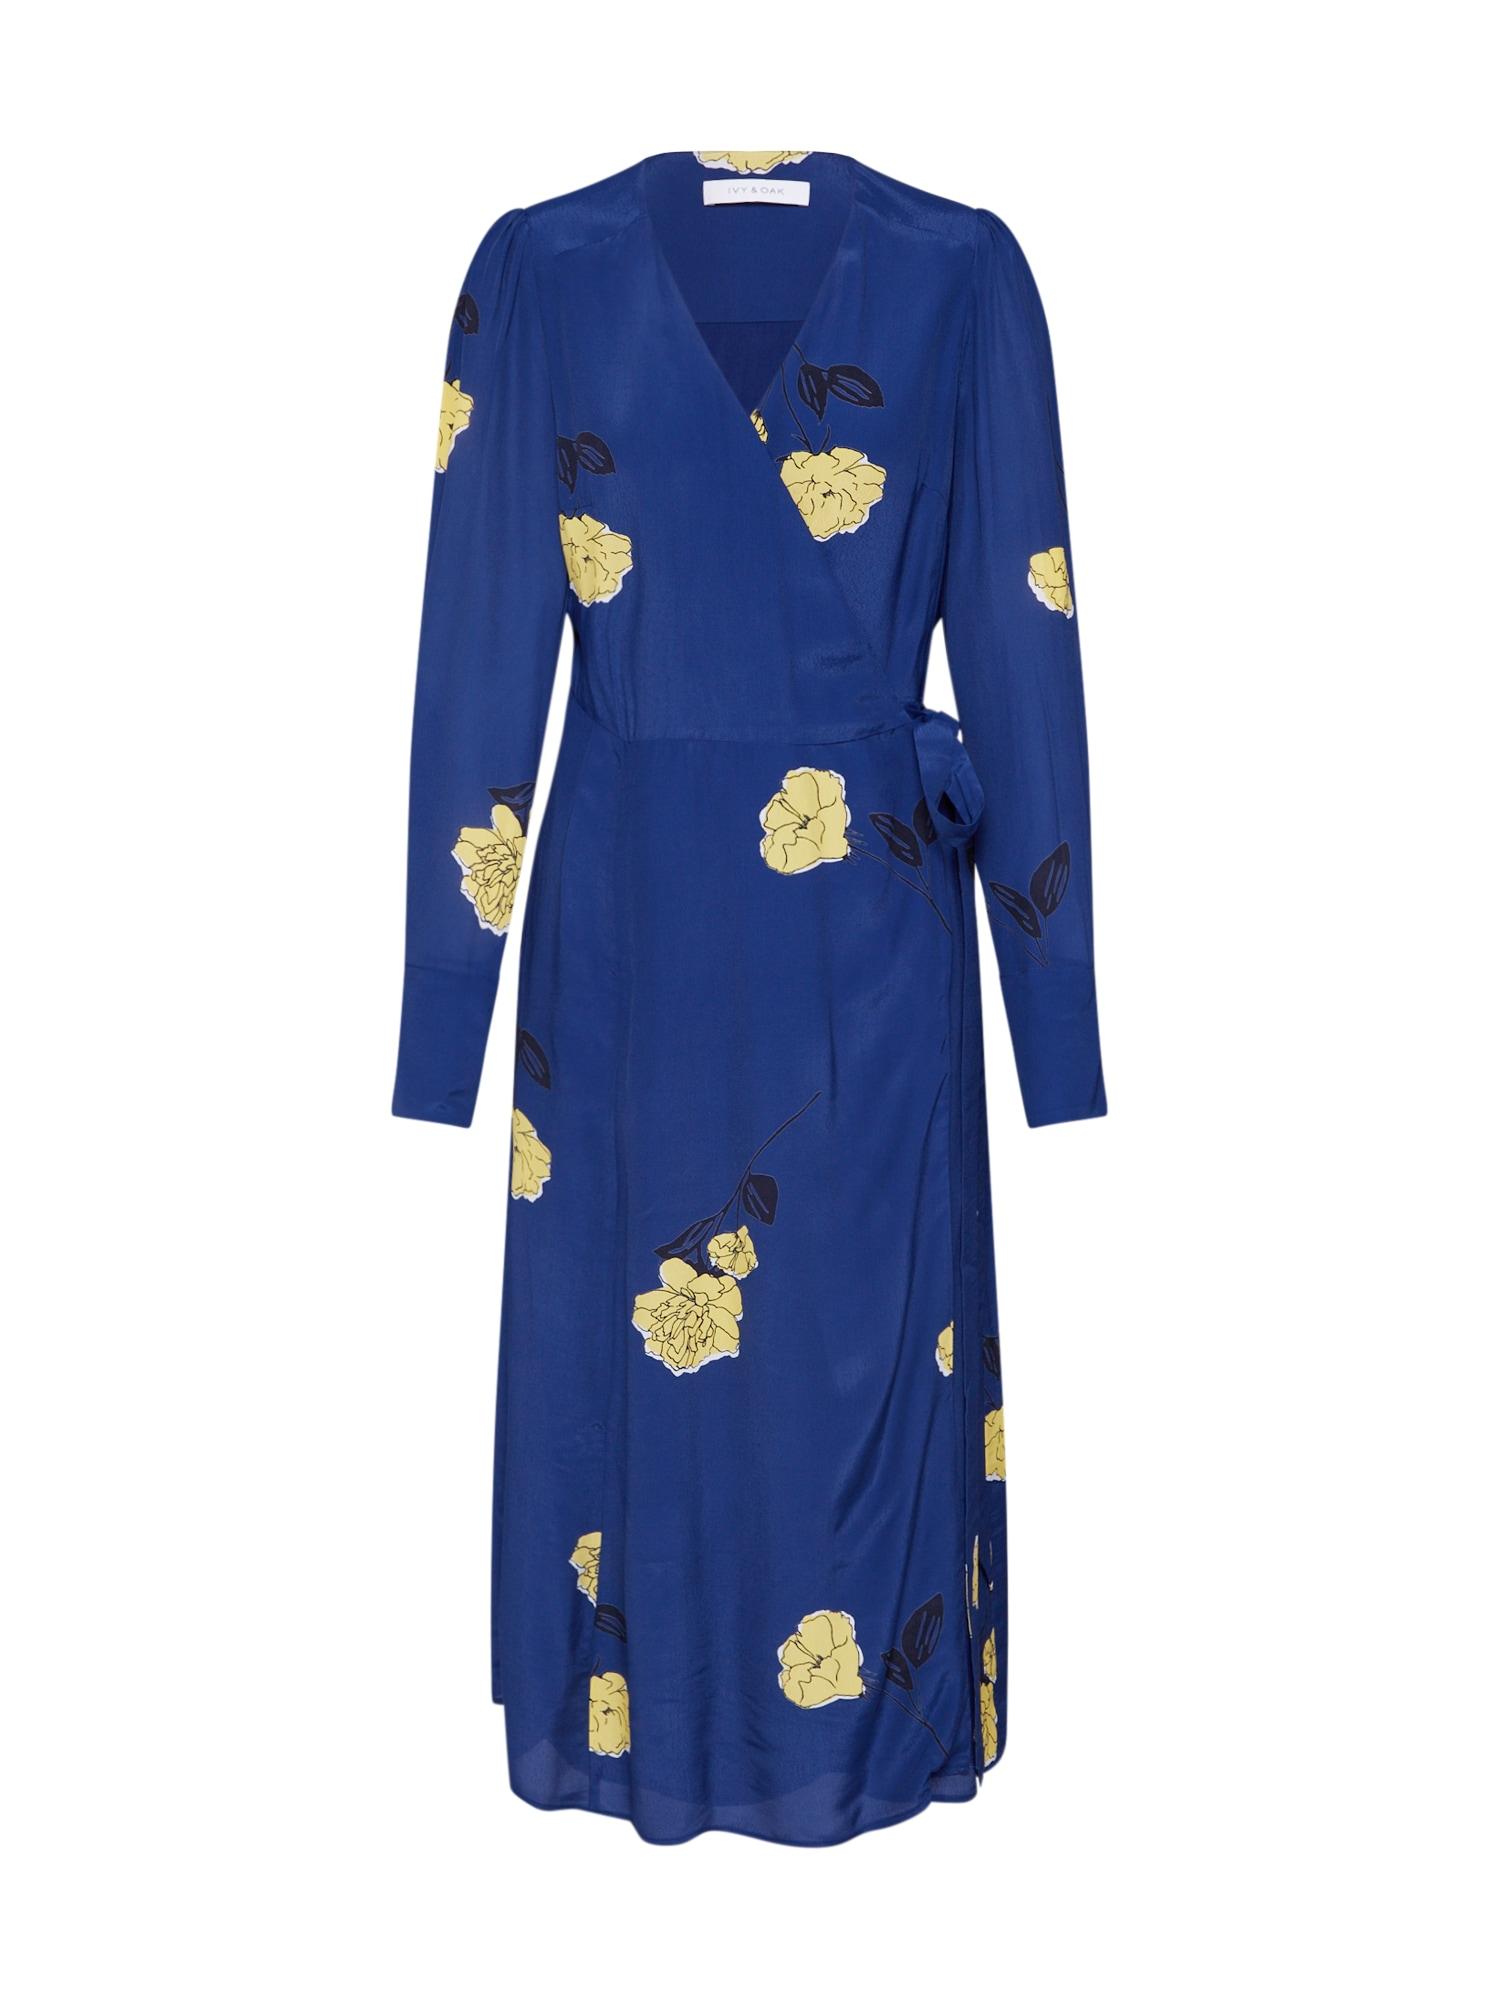 IVY & OAK Šaty  tmavě modrá / žlutá / černá